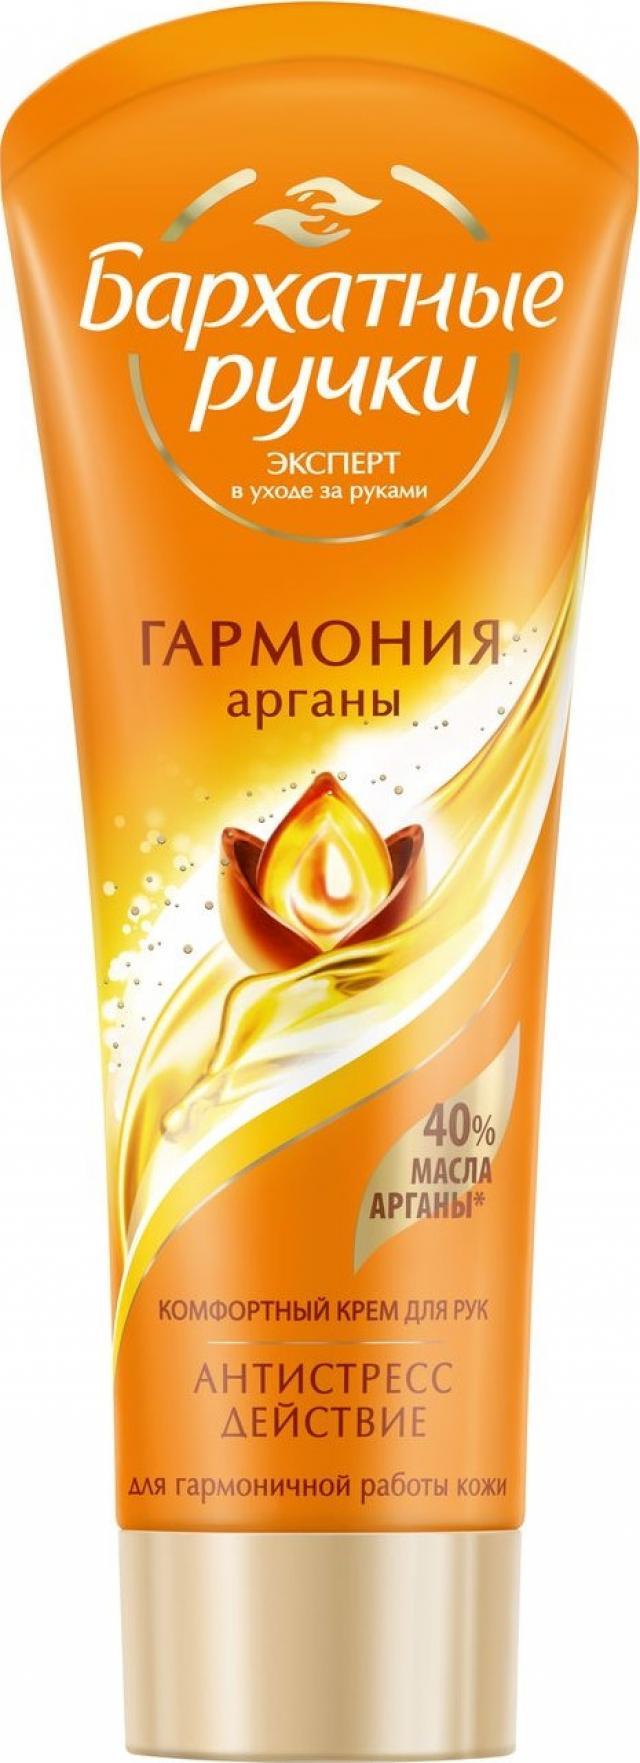 Бархатные ручки крем для рук аргана 80мл купить в Москве по цене от 80 рублей